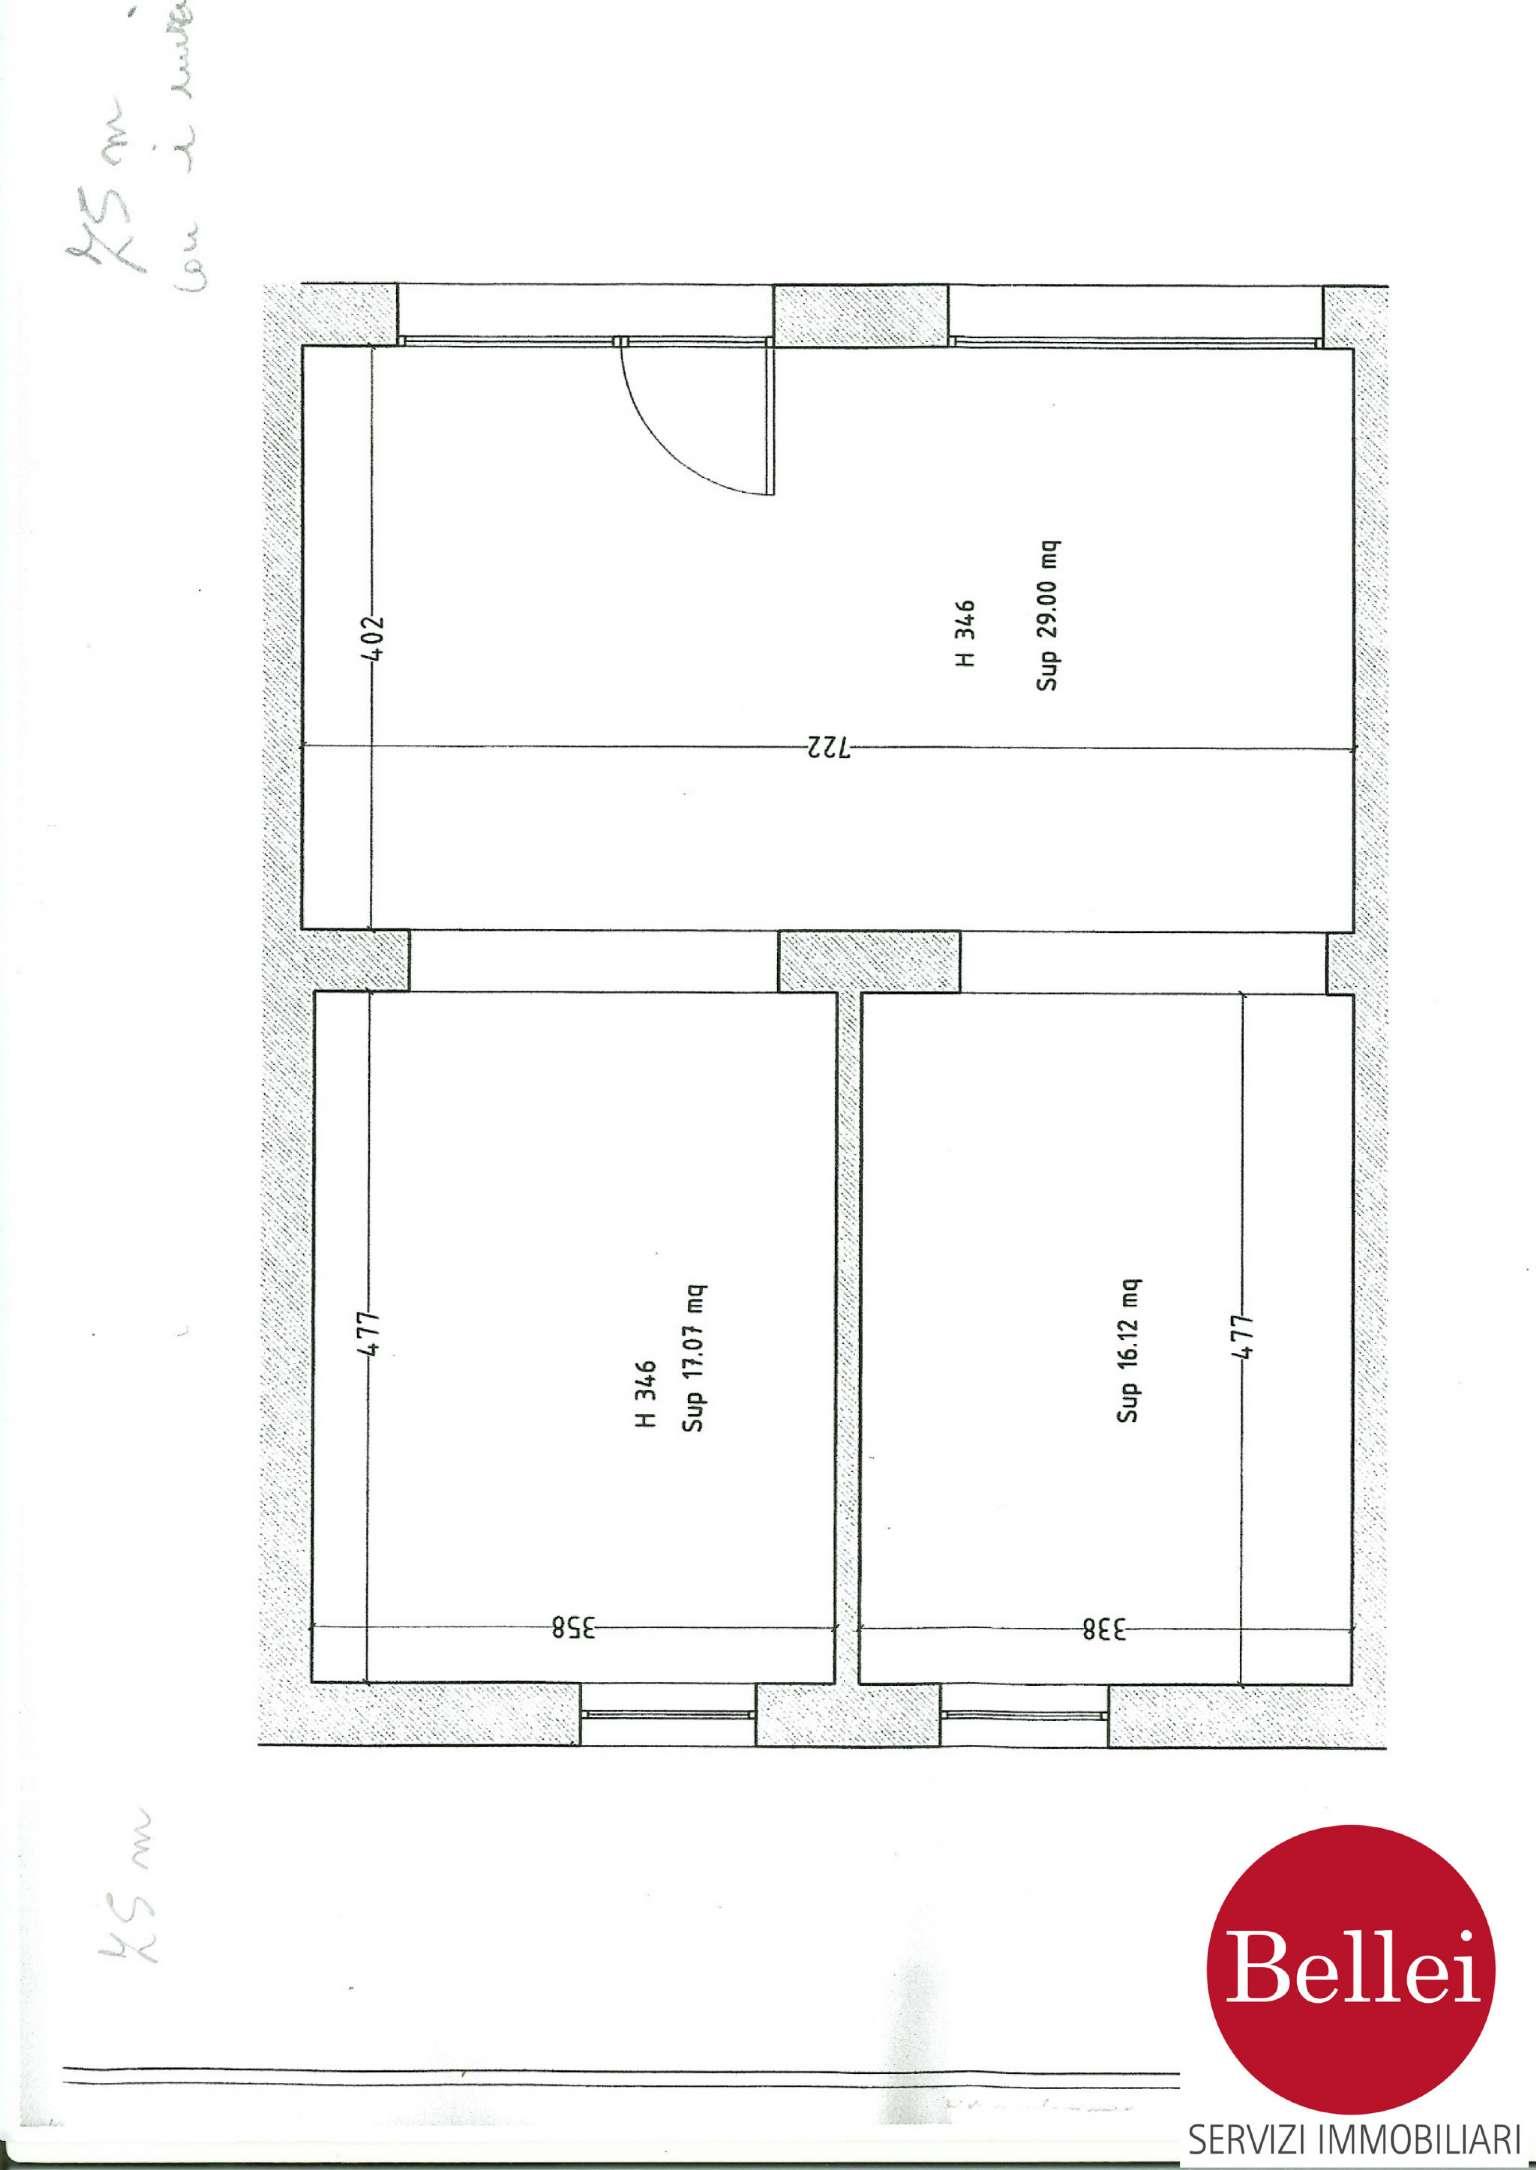 Negozio - ufficio di 75 mq con una vetrina in zona di forte passaggio al centro Rif. 4881398